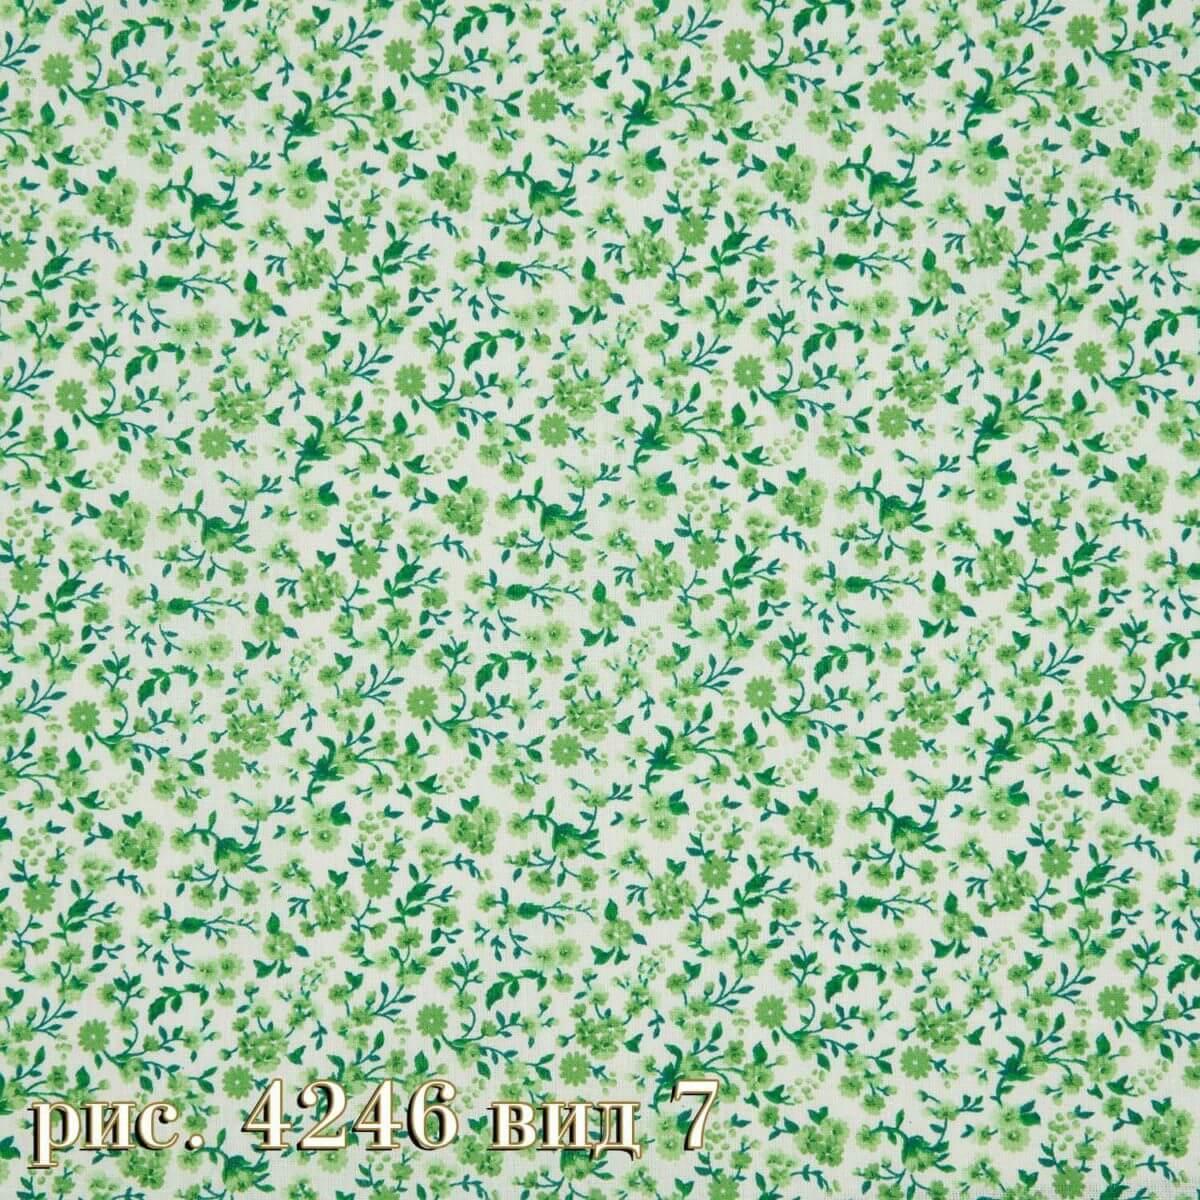 Фото 20 - Плательная ткань бязь 220 см (4246/11).